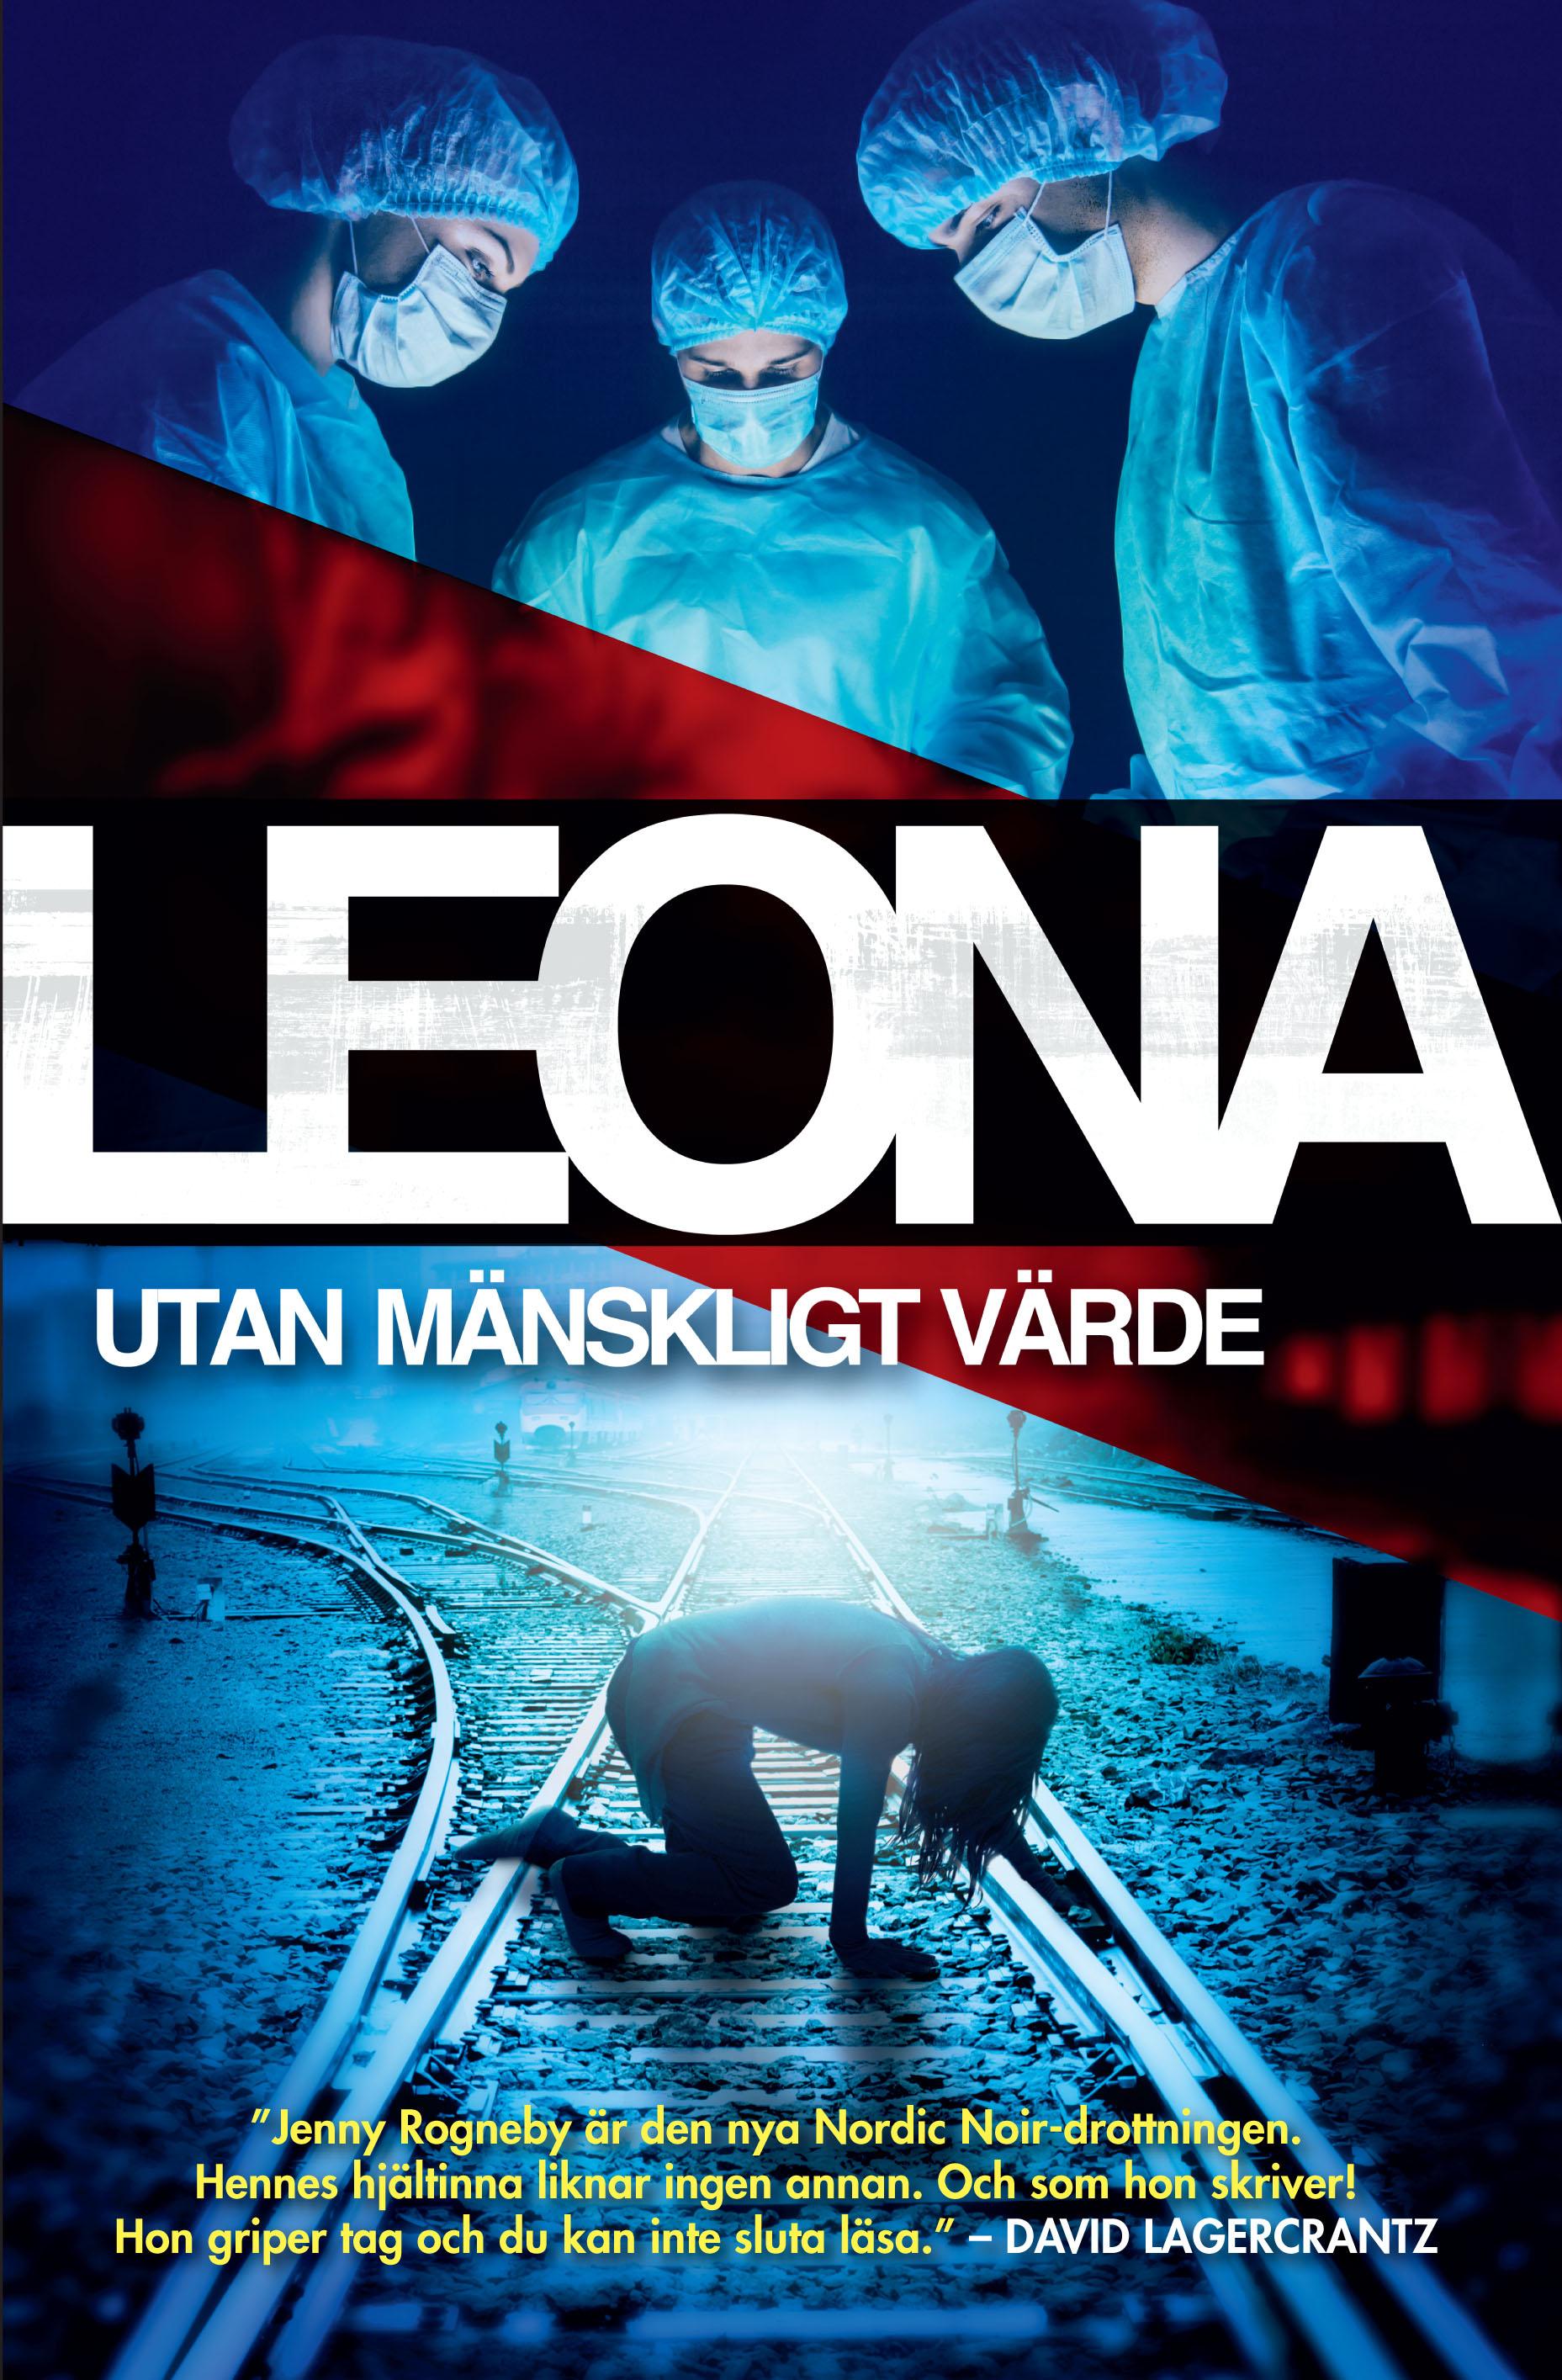 Leona3–UtanMänskligtVärde_.jpg